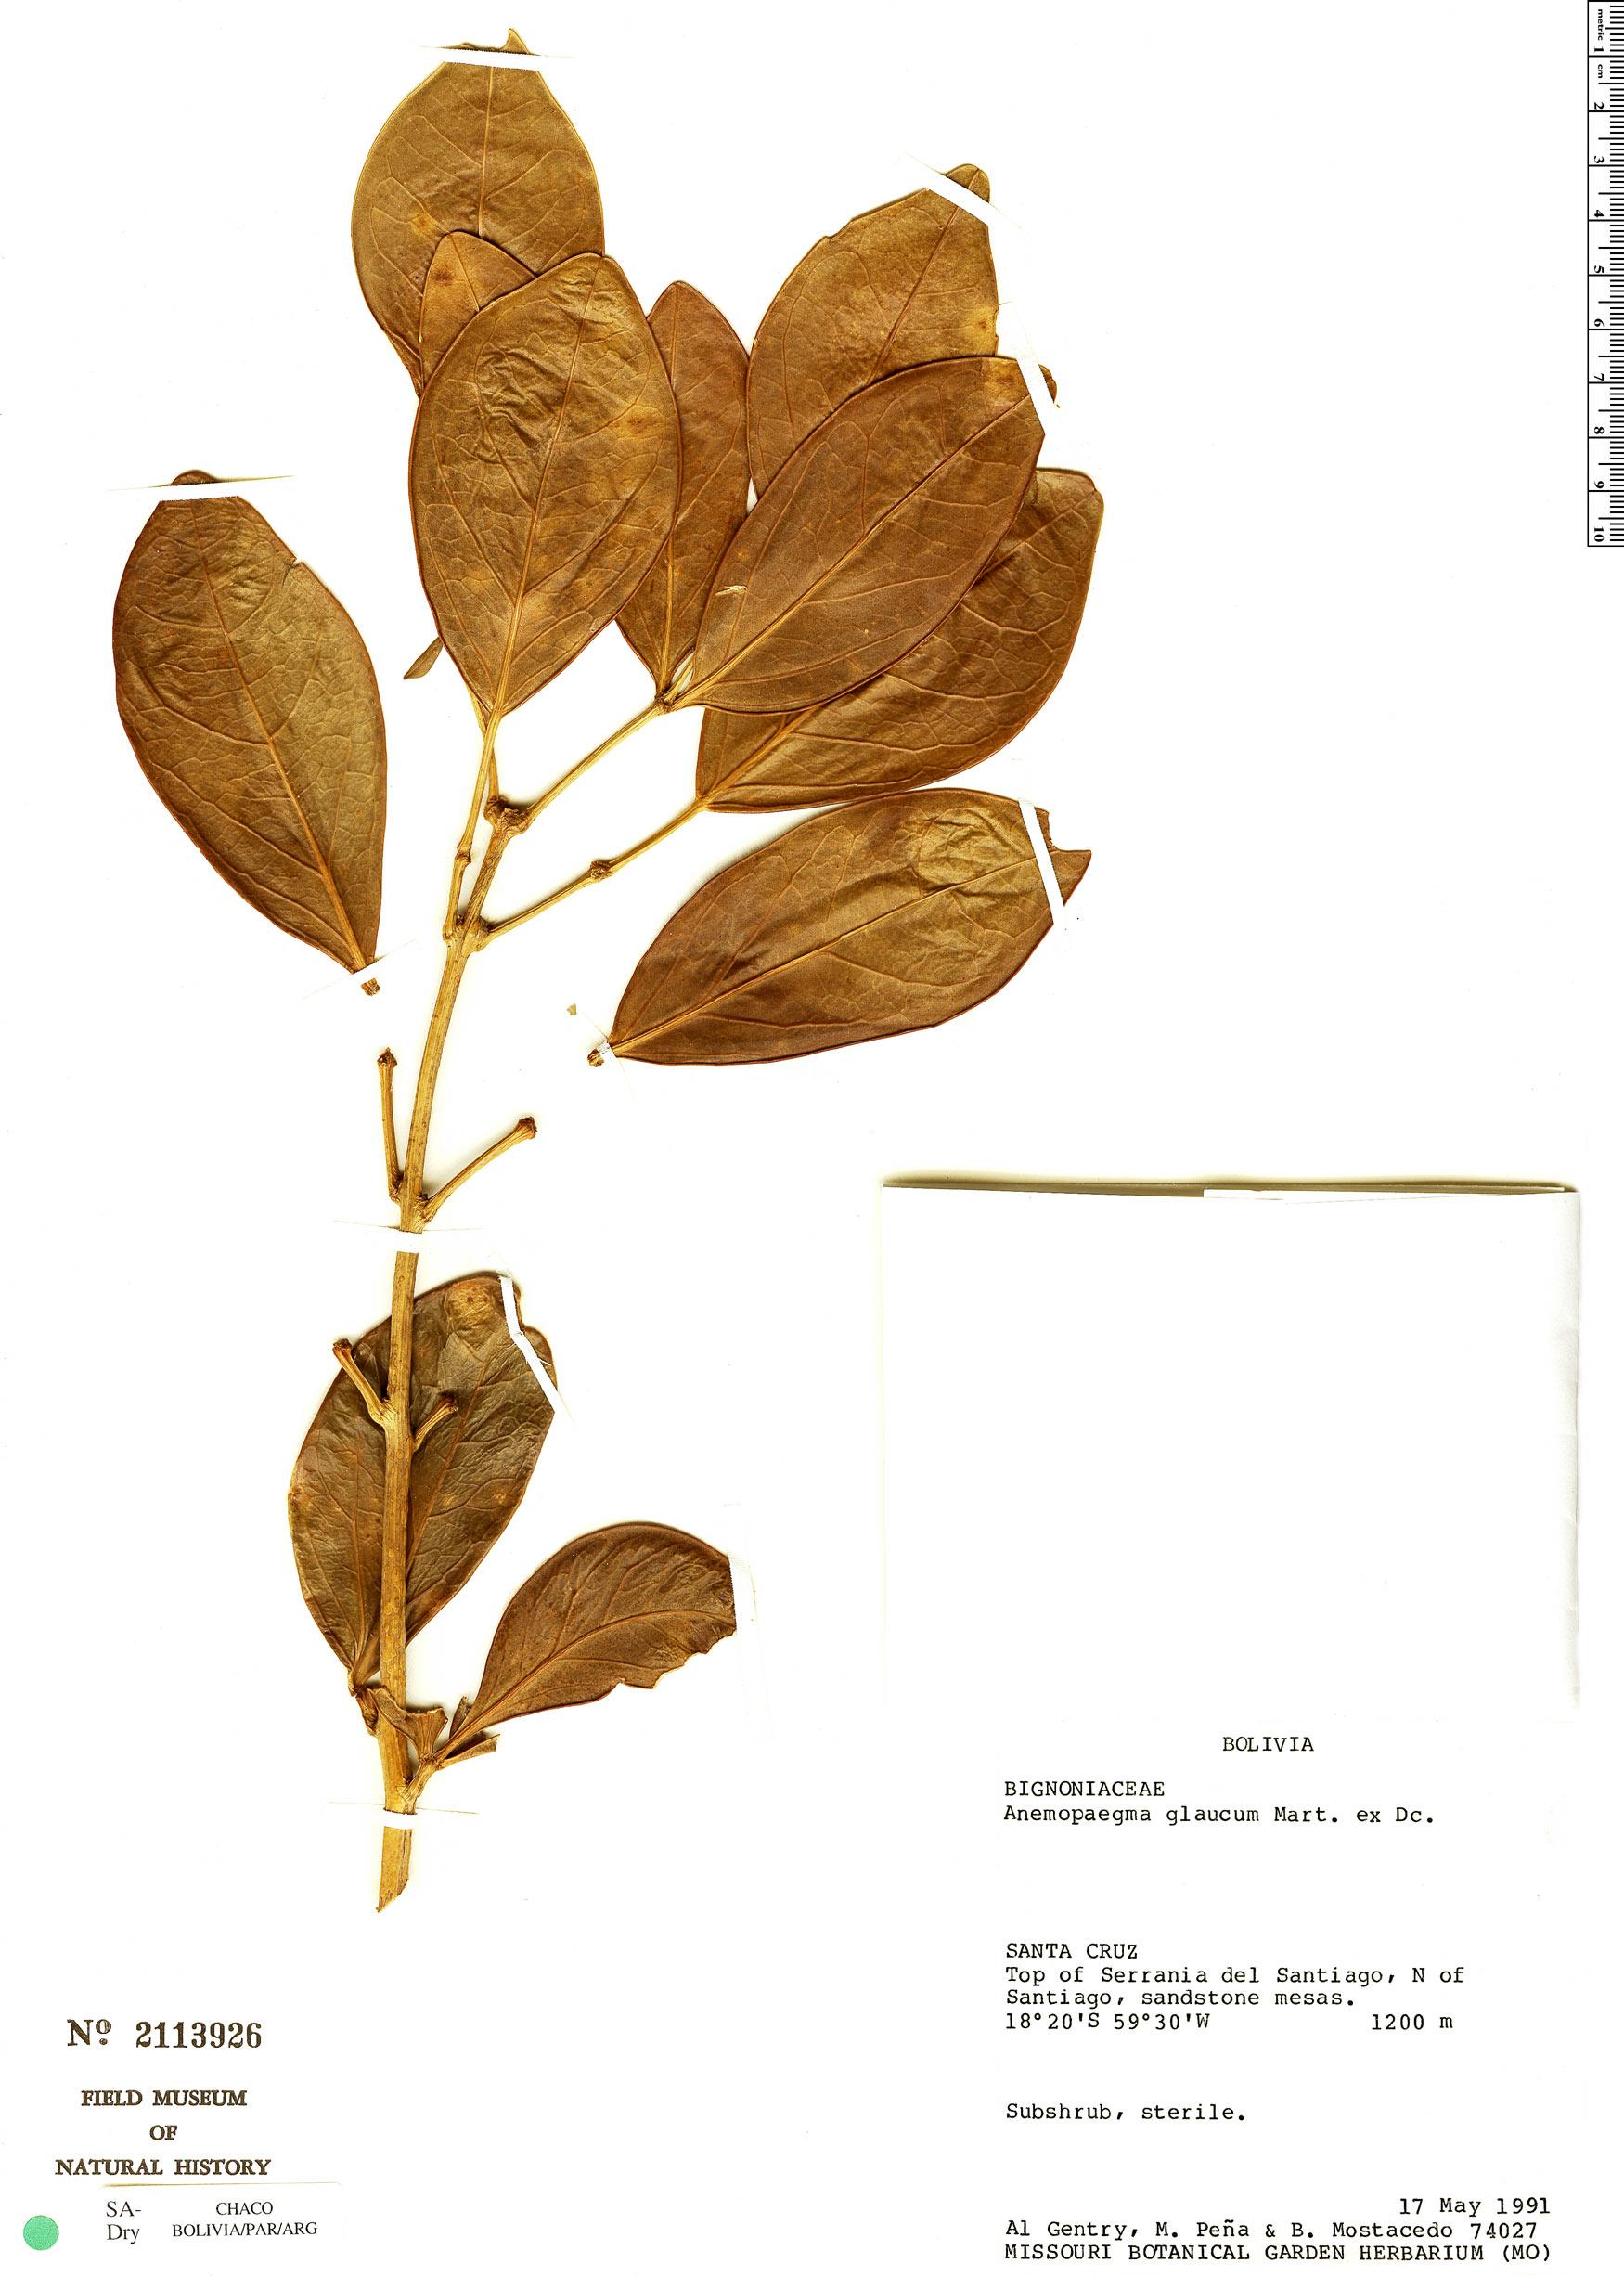 Specimen: Anemopaegma glaucum